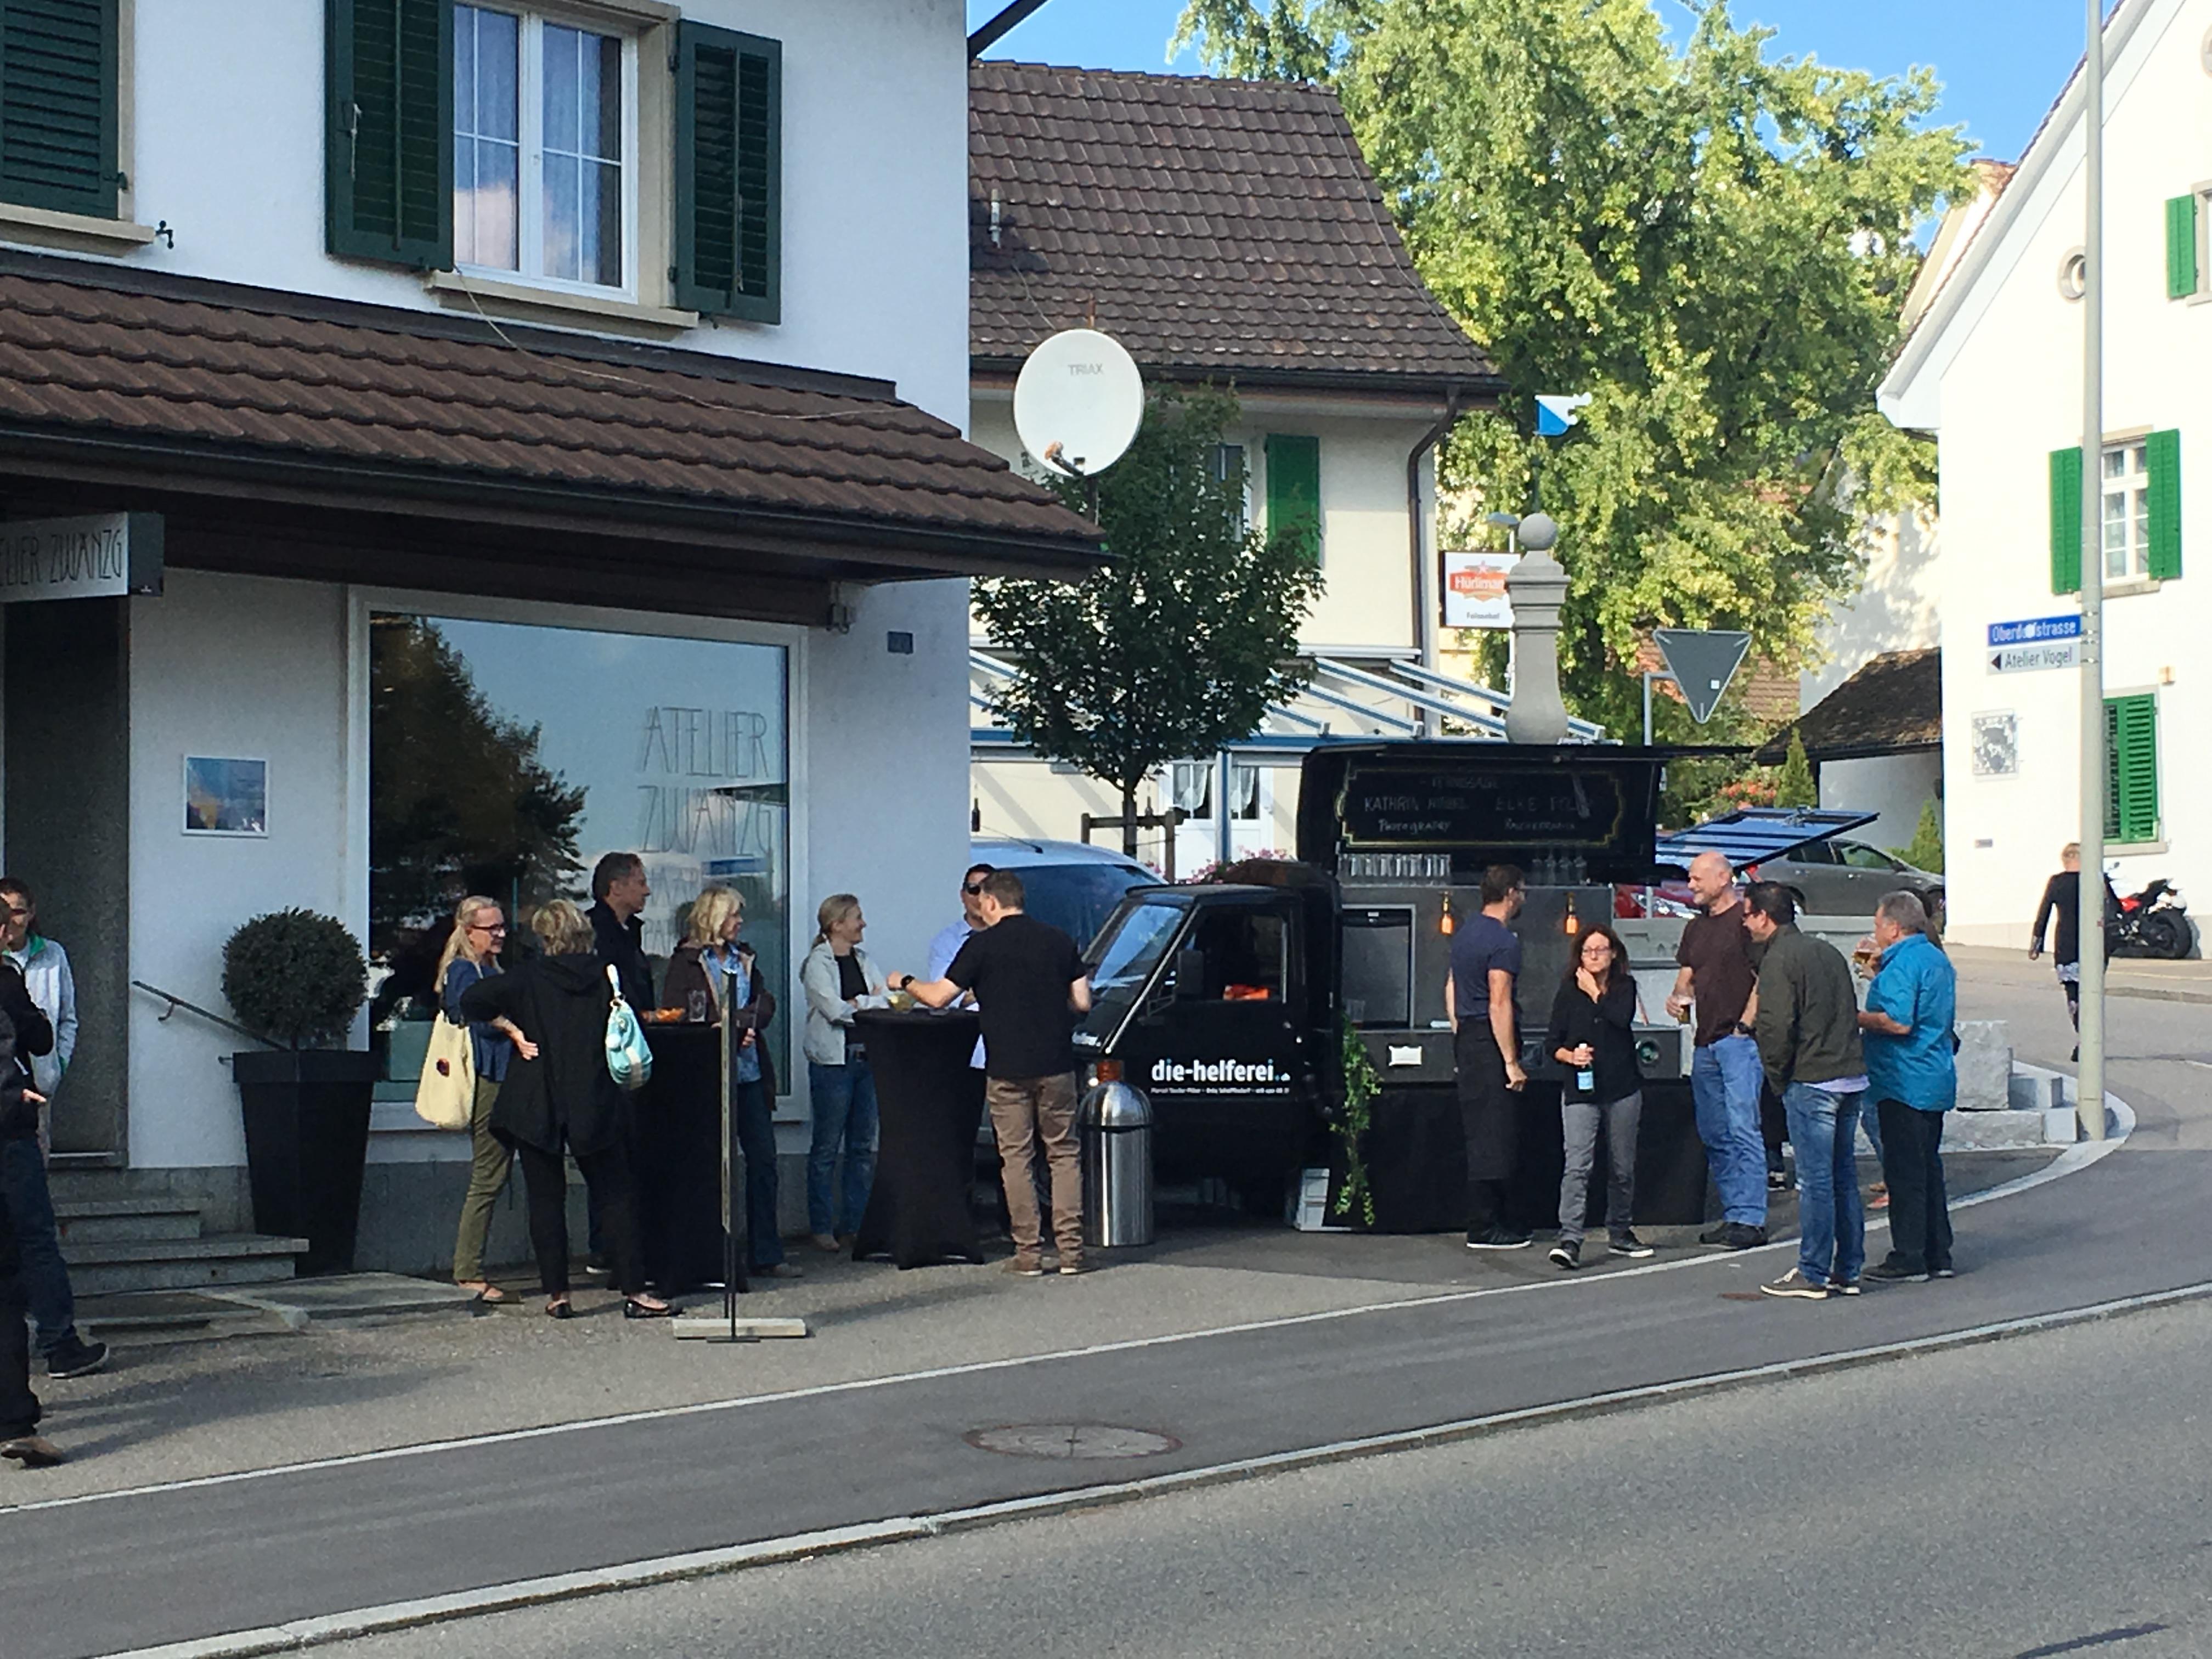 Vernissage Atelier Zwänzg Schöfflisdorf